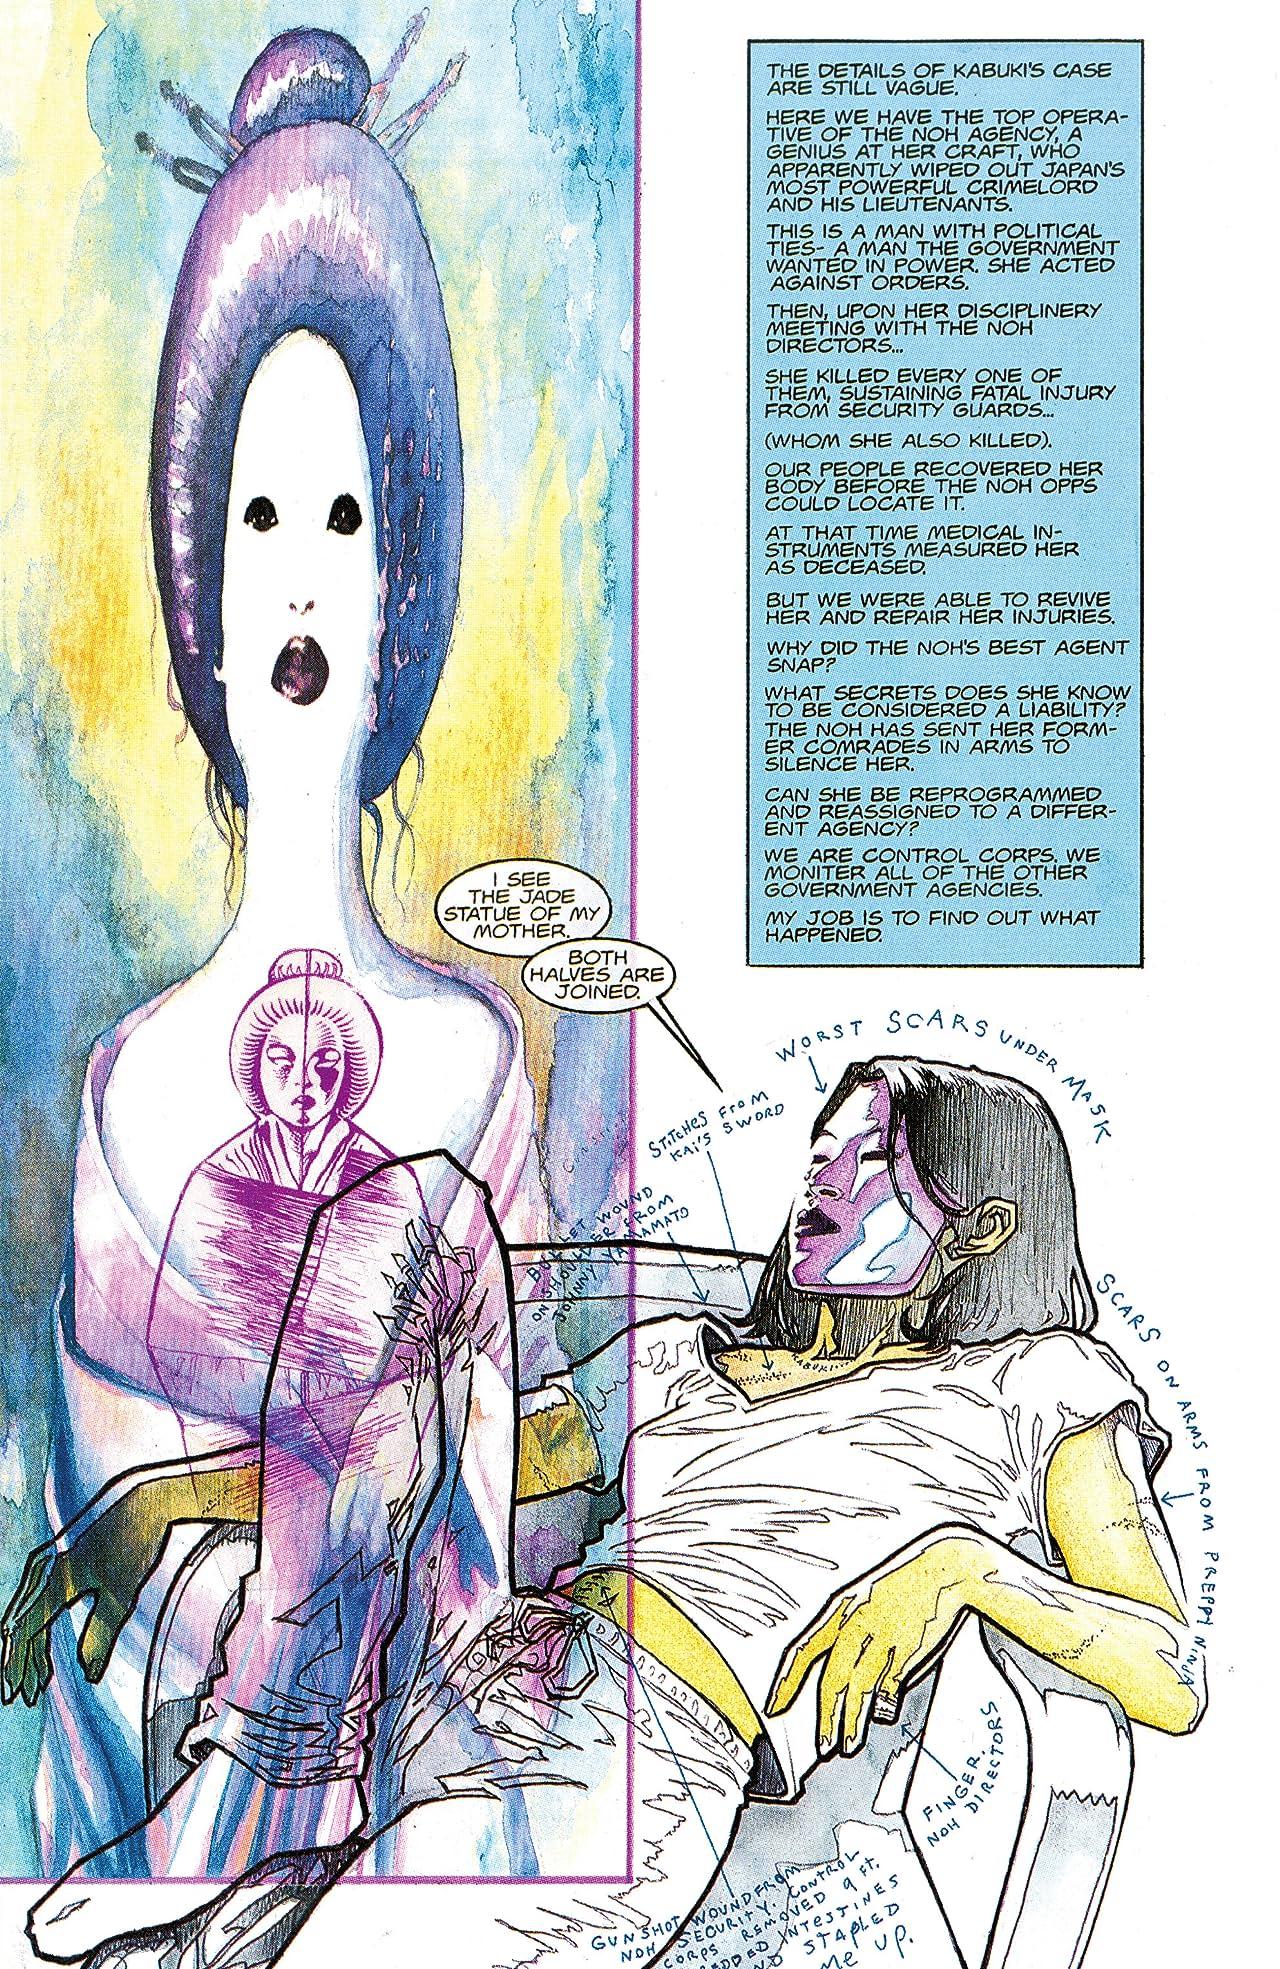 Kabuki vol. 5 #1